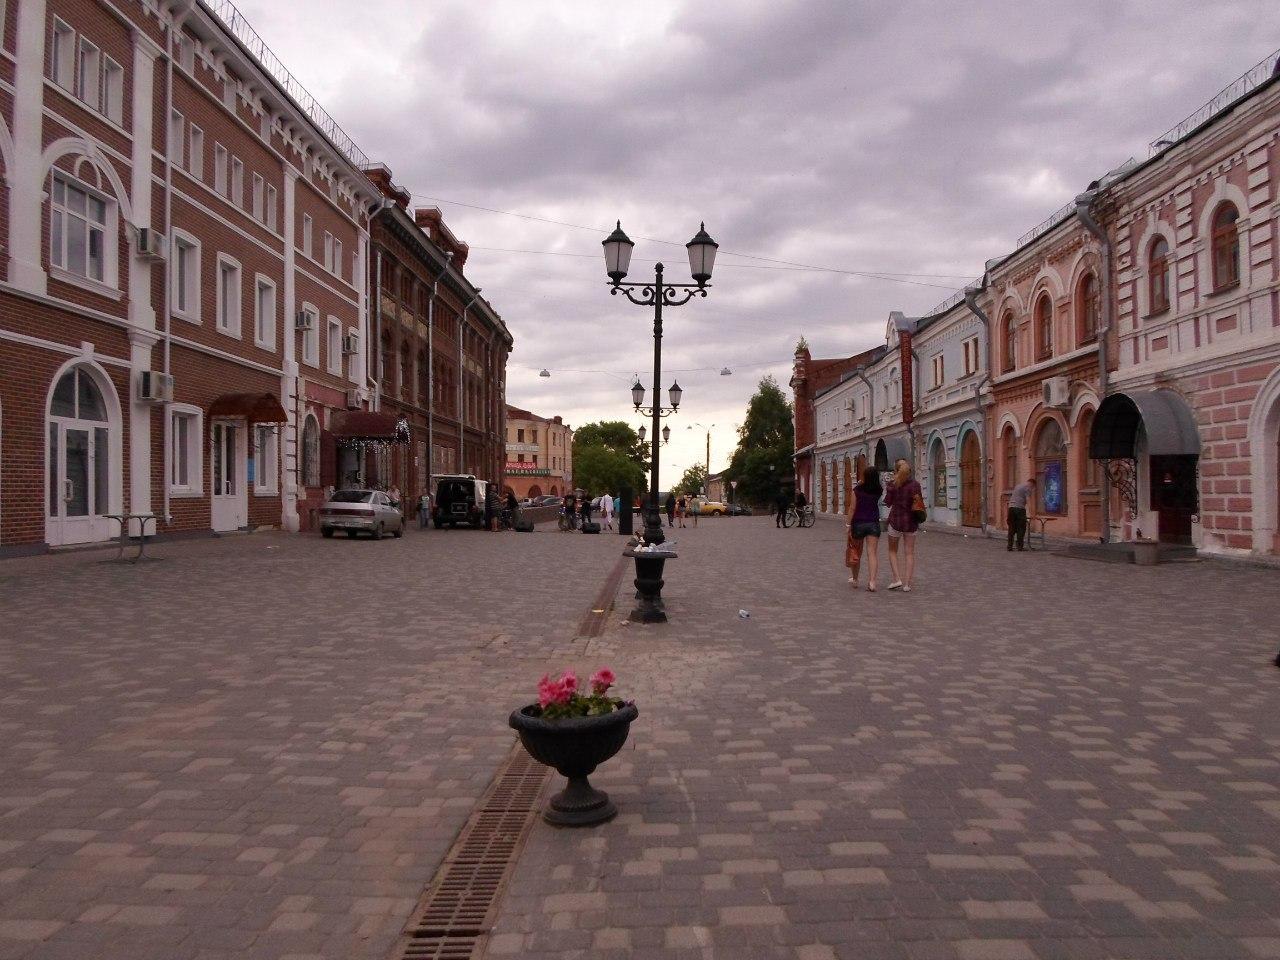 Власти прокомментировали проблему неприятного запаха в Кирове